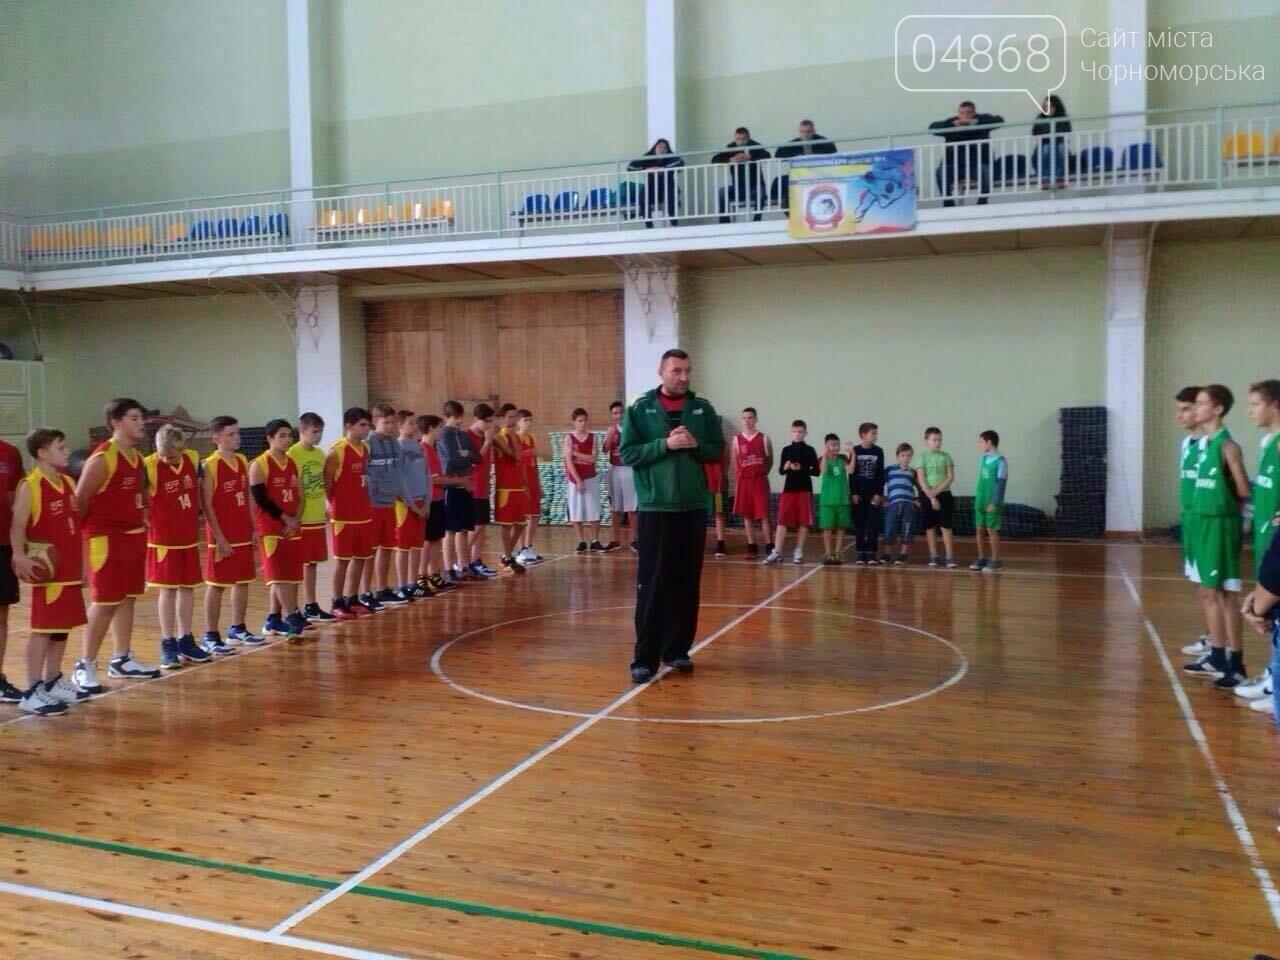 Стартовал ежегодный турнир по баскетболу Черноморская детская лига, фото-1